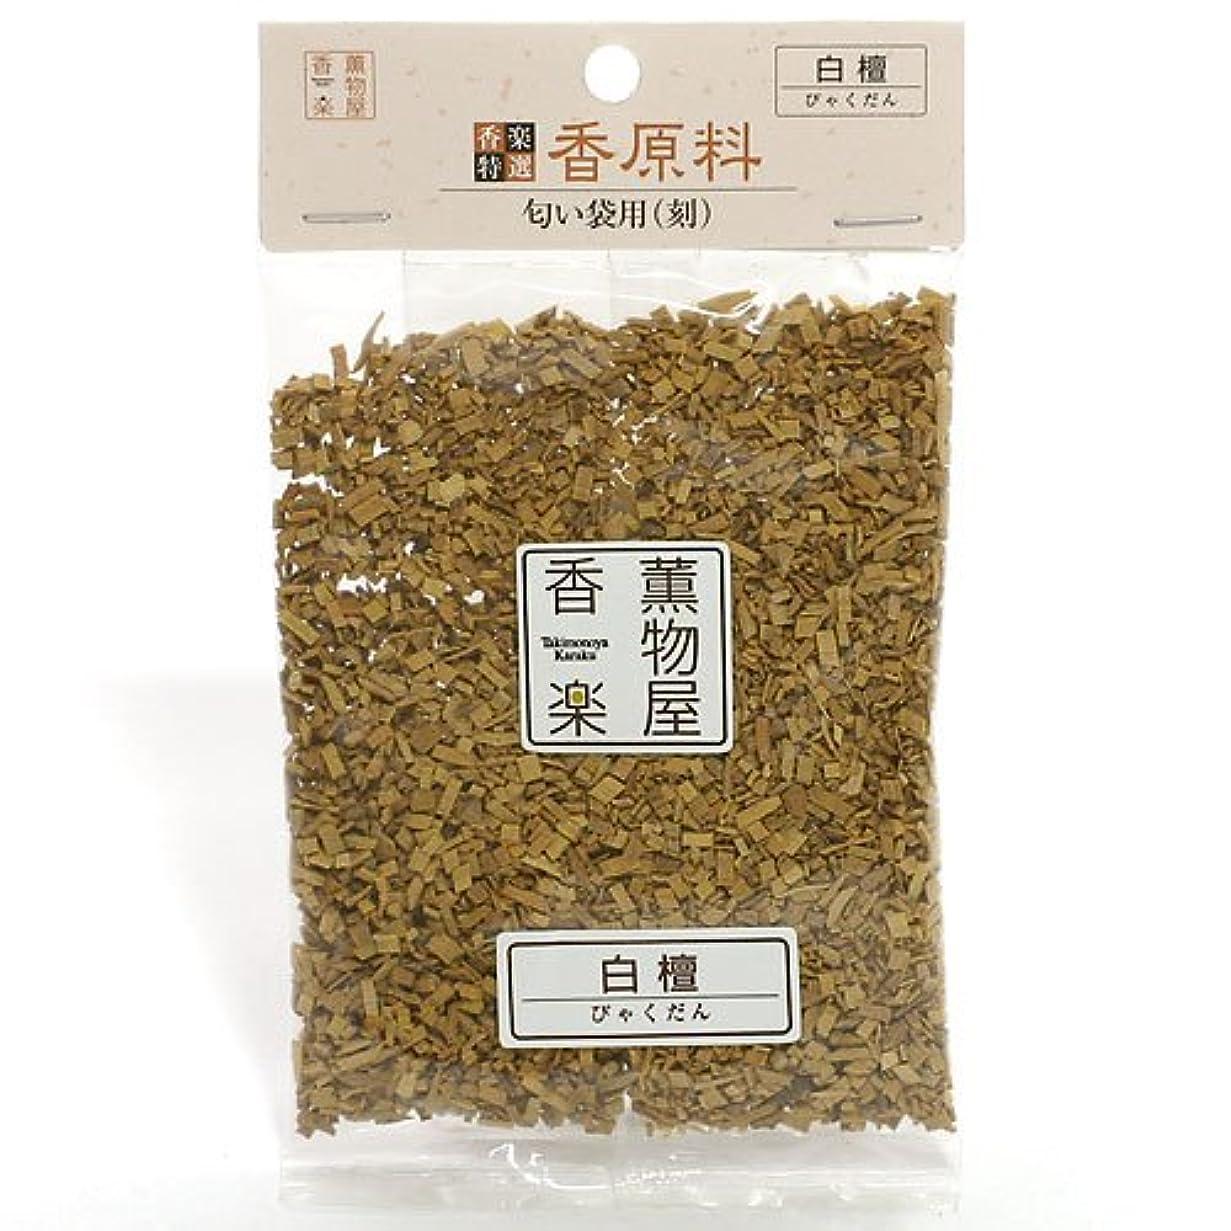 昇る補体ステップ天然香原料?刻白檀(びゃくだん)